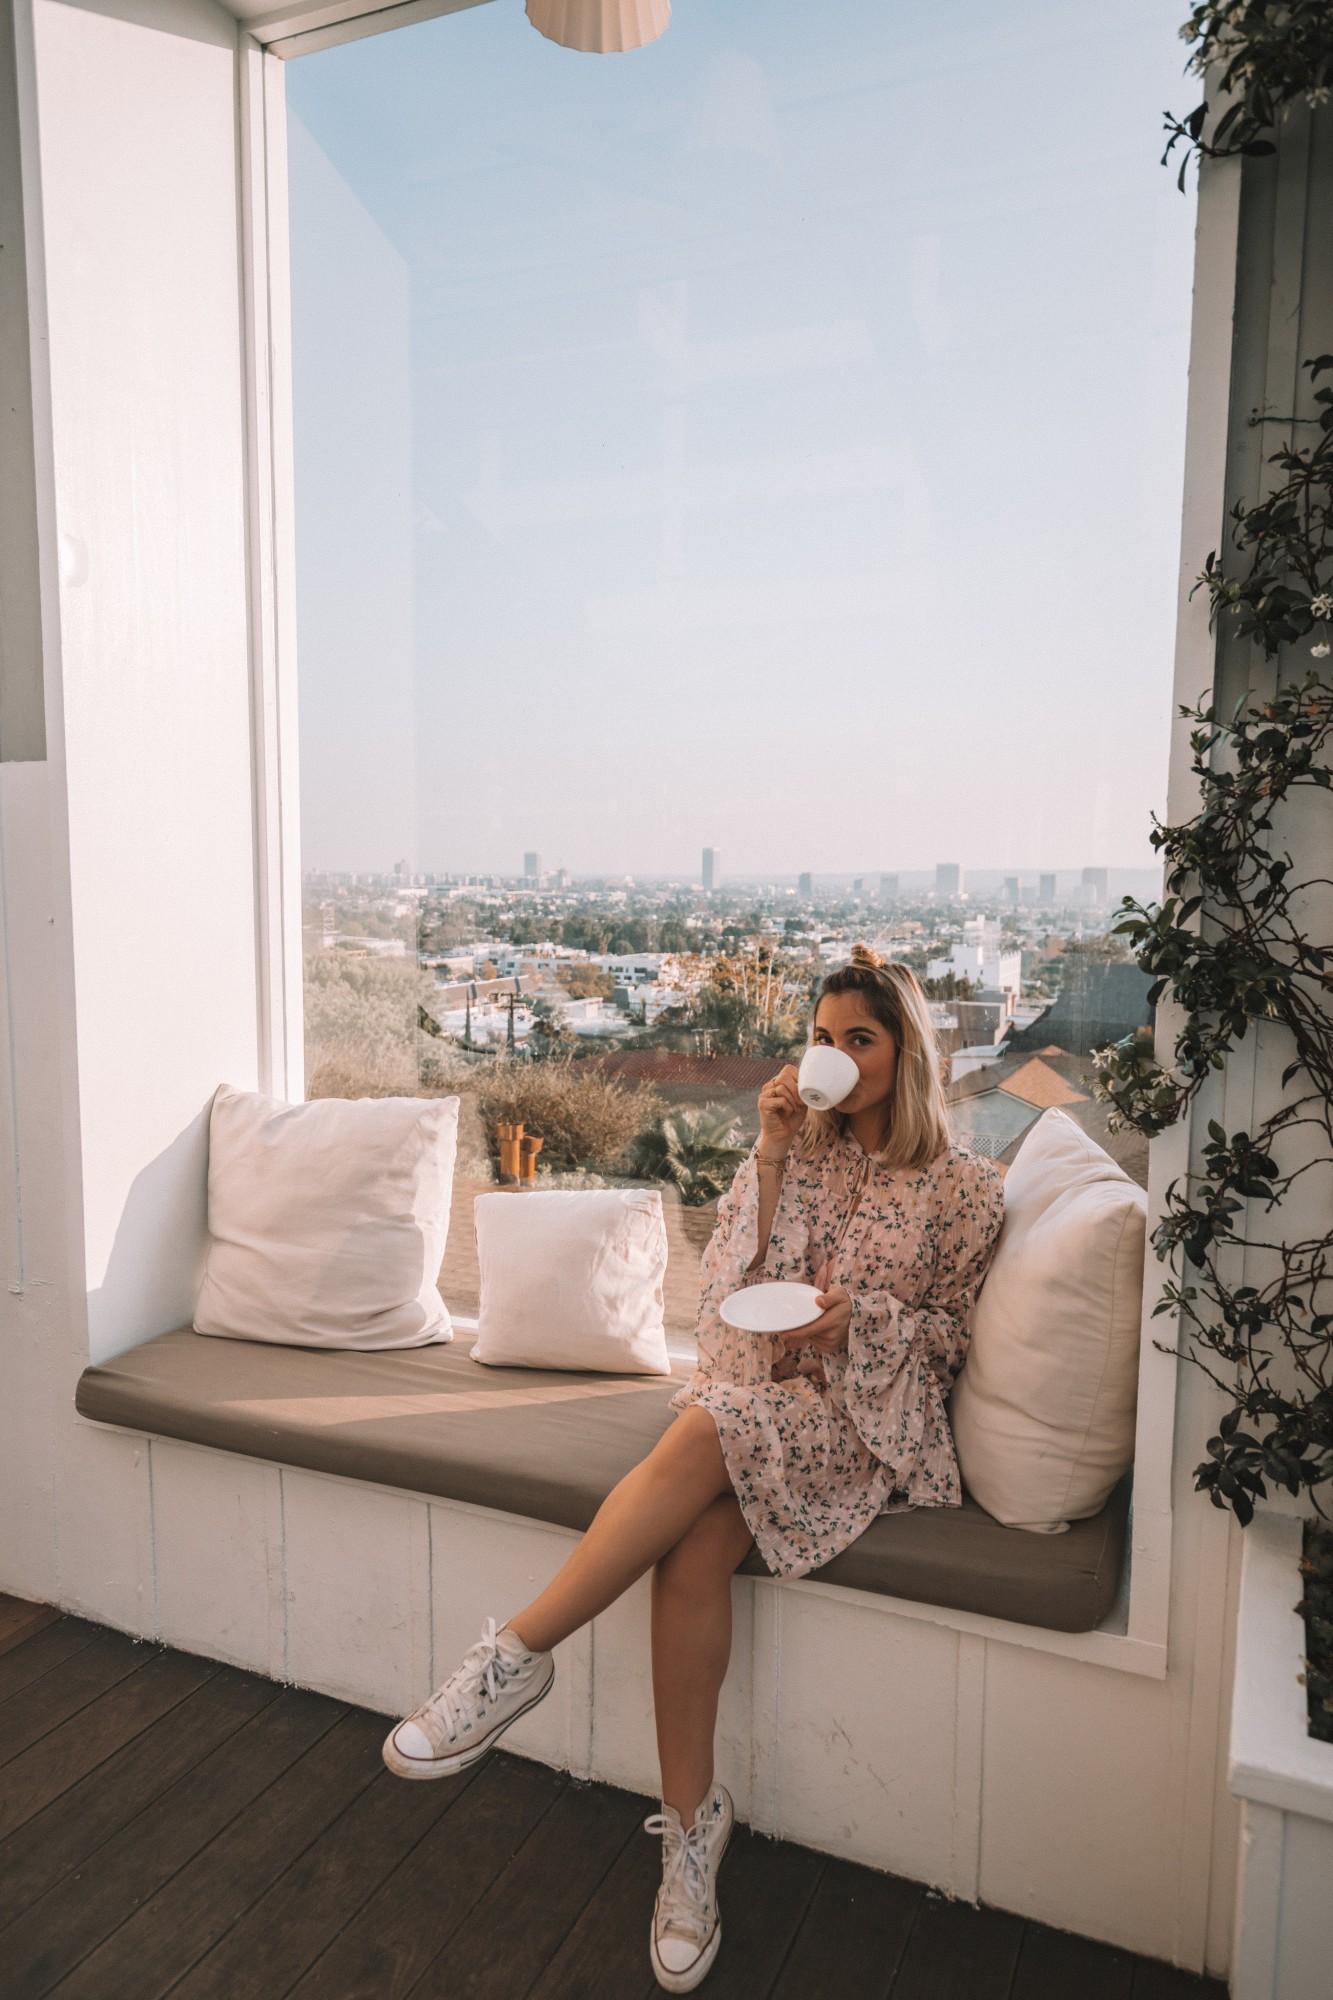 Où dormir à West Hollywood - Blondie Baby blog voyages